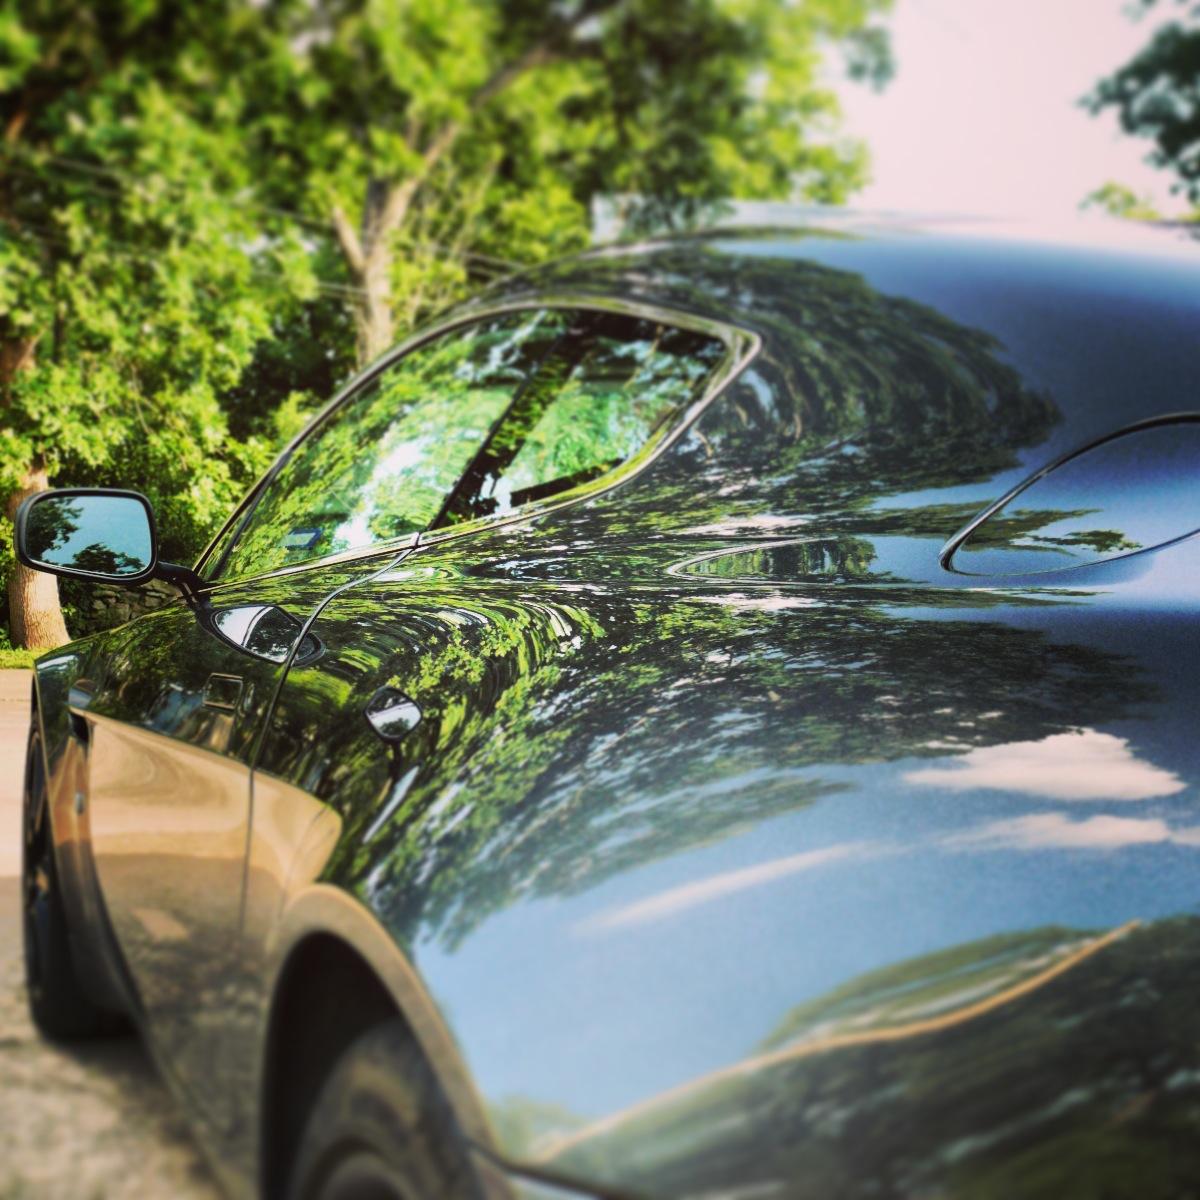 Aston Martin 1, MOTORista 0